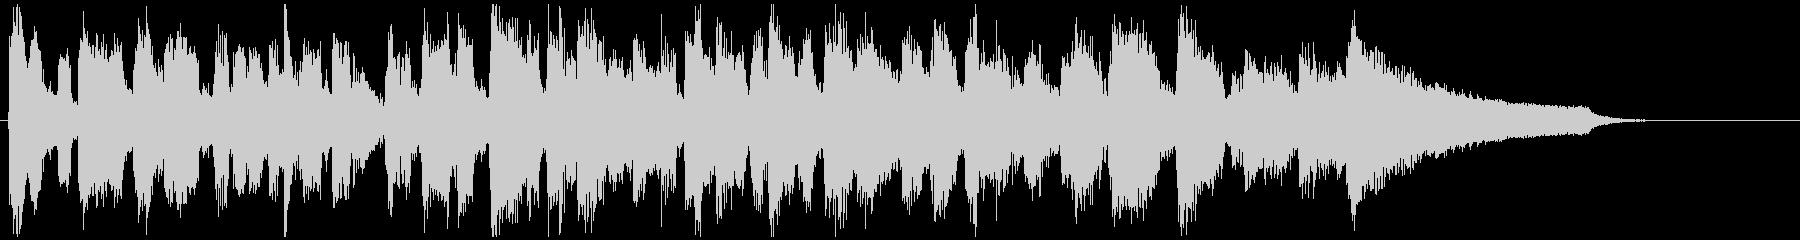 ショー的なジャズサックスの15秒ジングルの未再生の波形